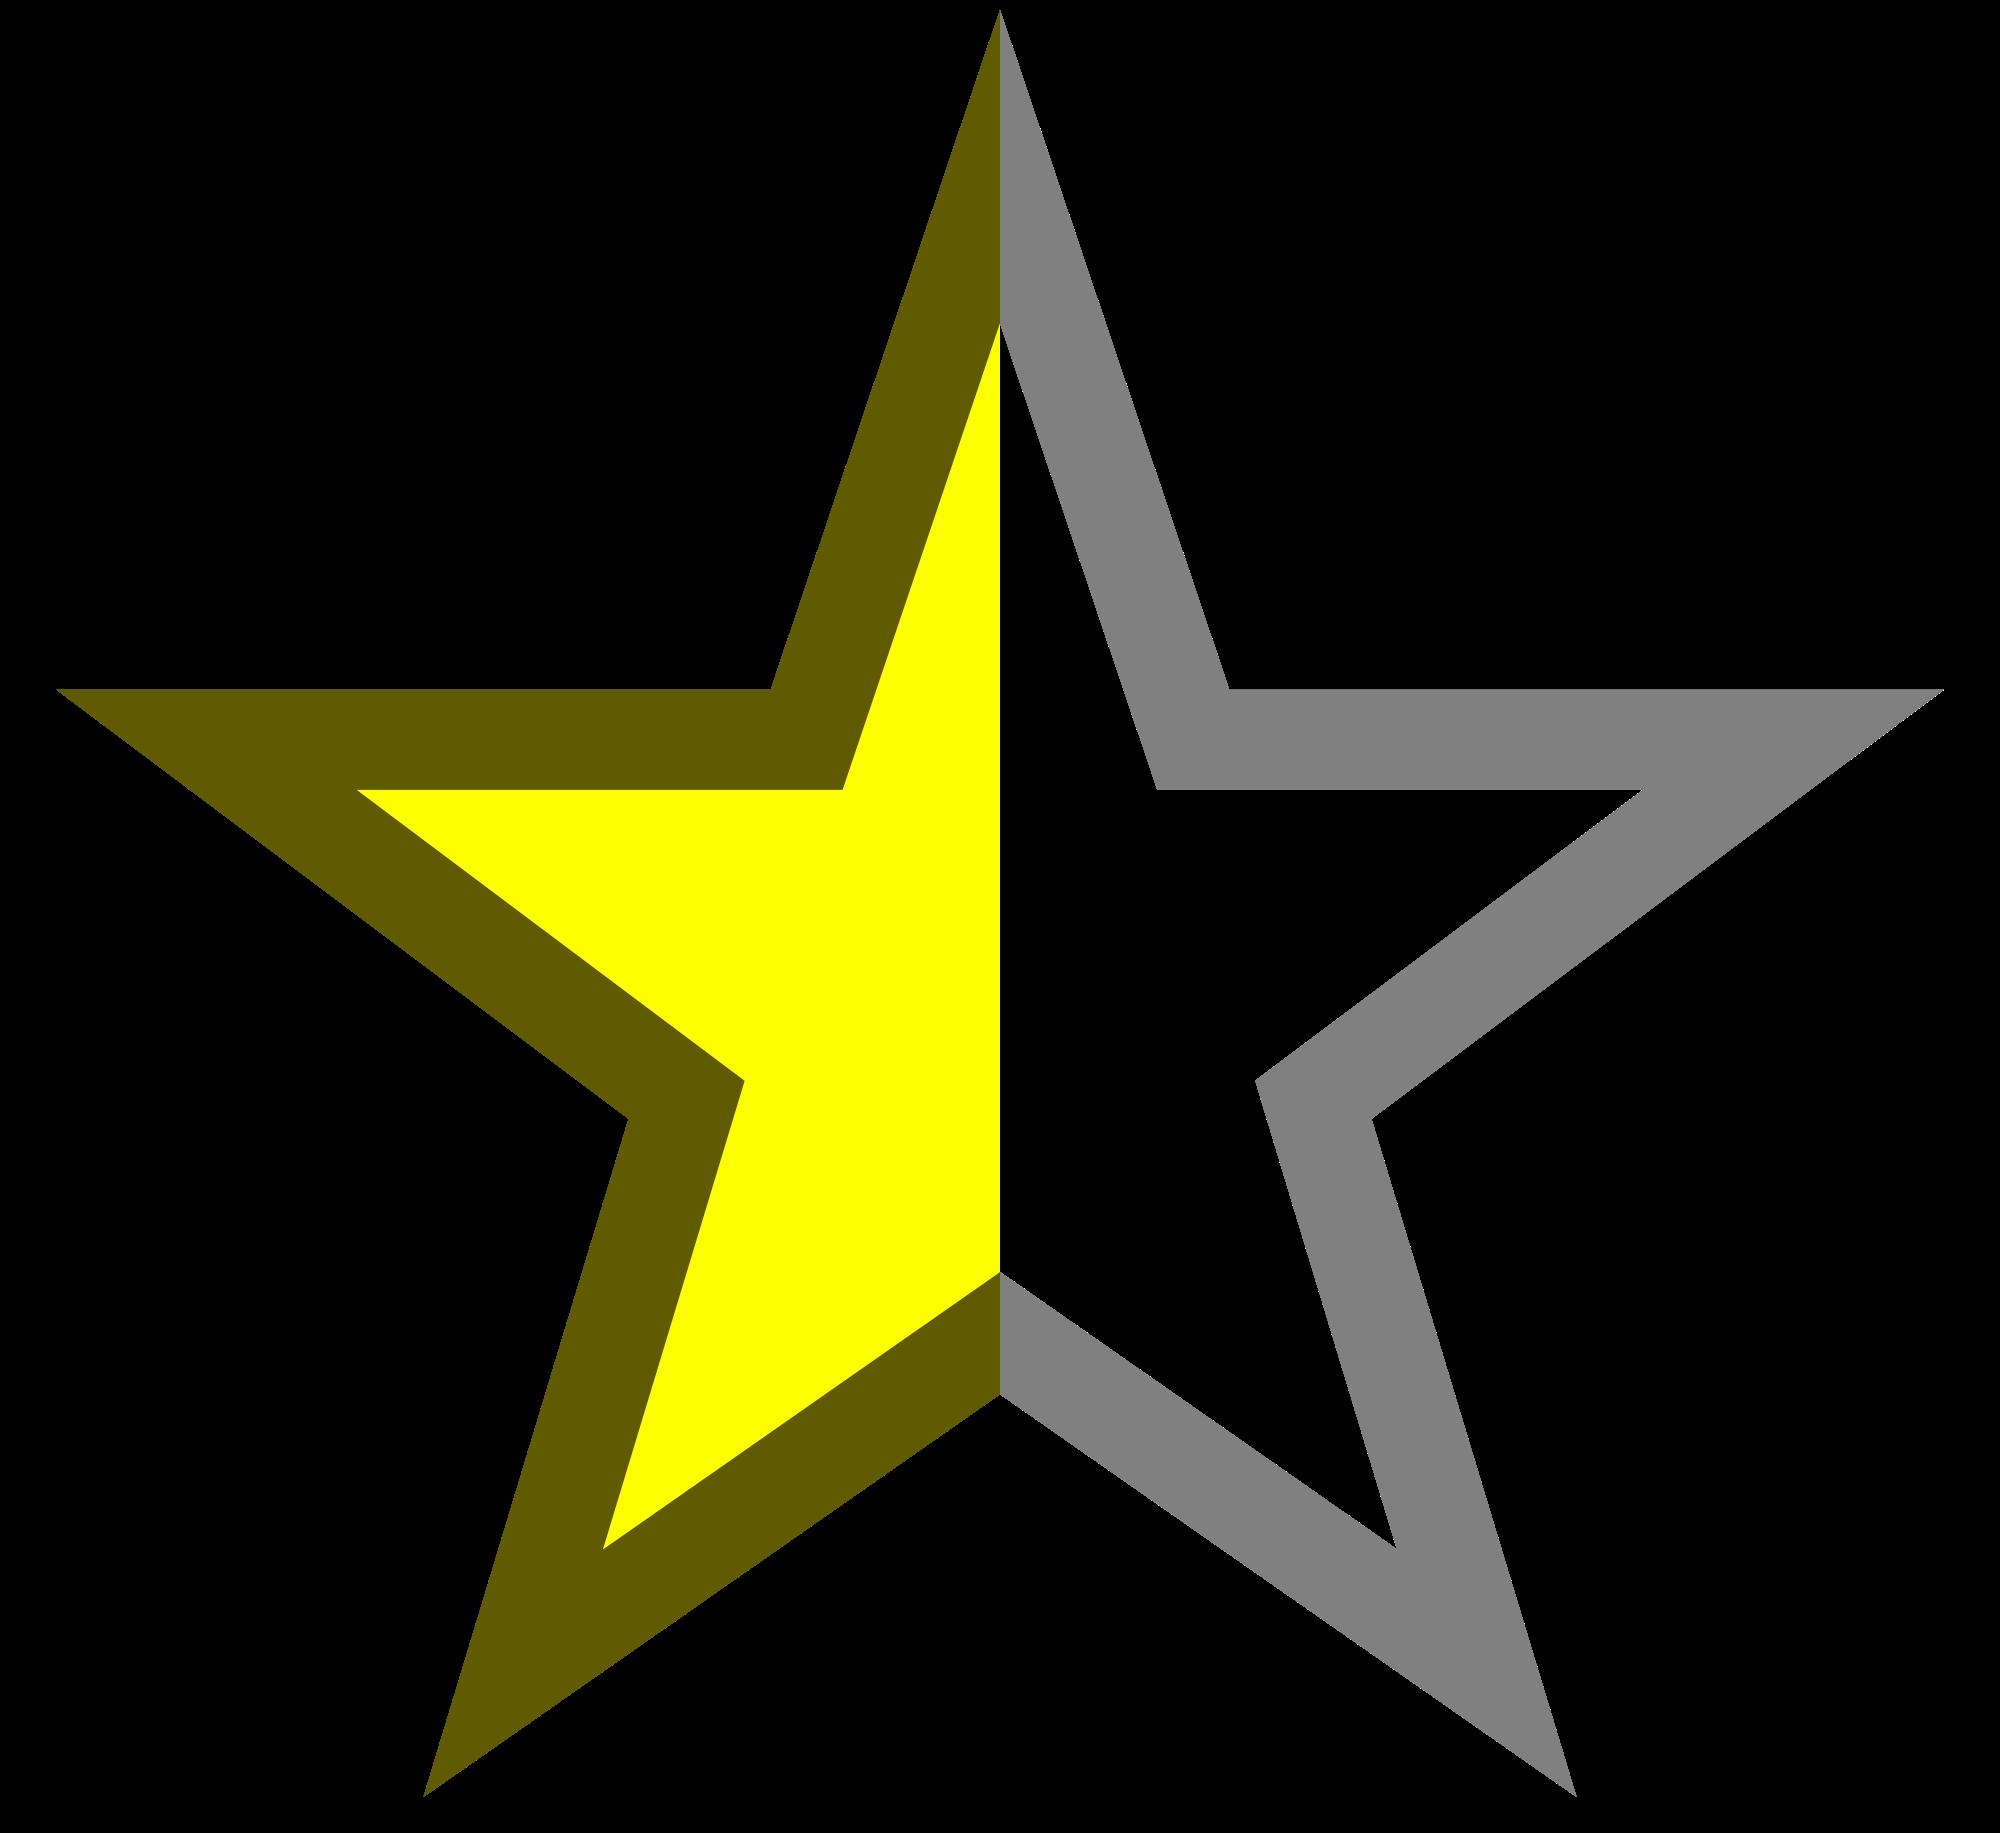 PNG Stjerne - 59805